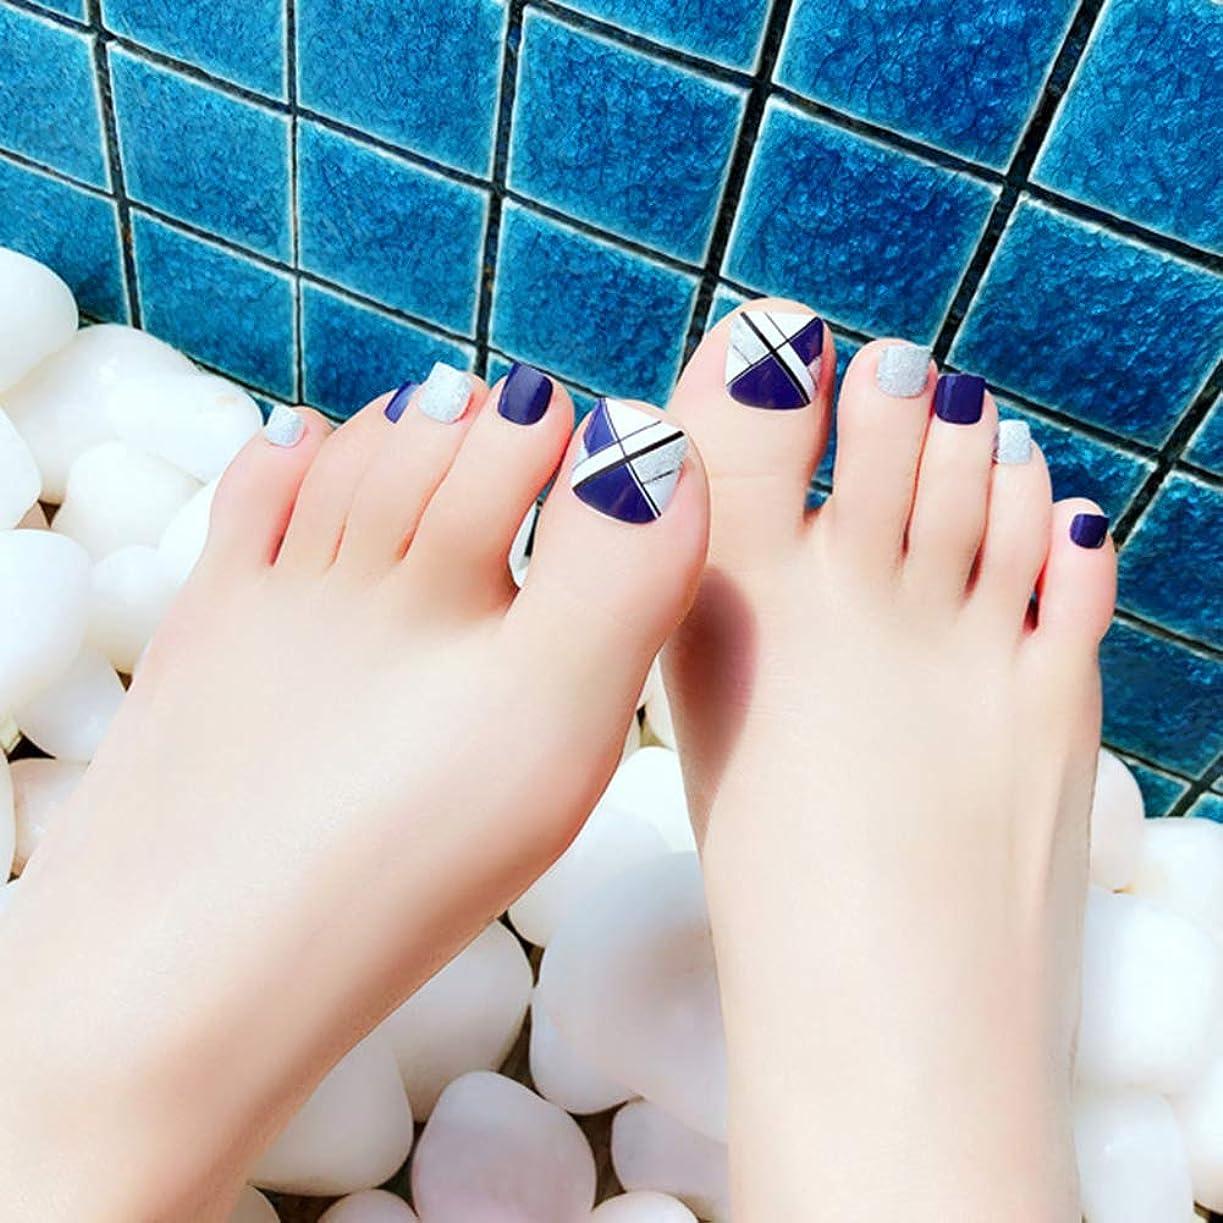 符号爵生まれHuangHM 小さいな足の小指にも最適 つけ爪 付け爪 ジェルネイル ネイルアートフットタイプネイルチップ 24枚入り12サイズ各2枚 足用フットチップ ペディキュア フットネイルチップ